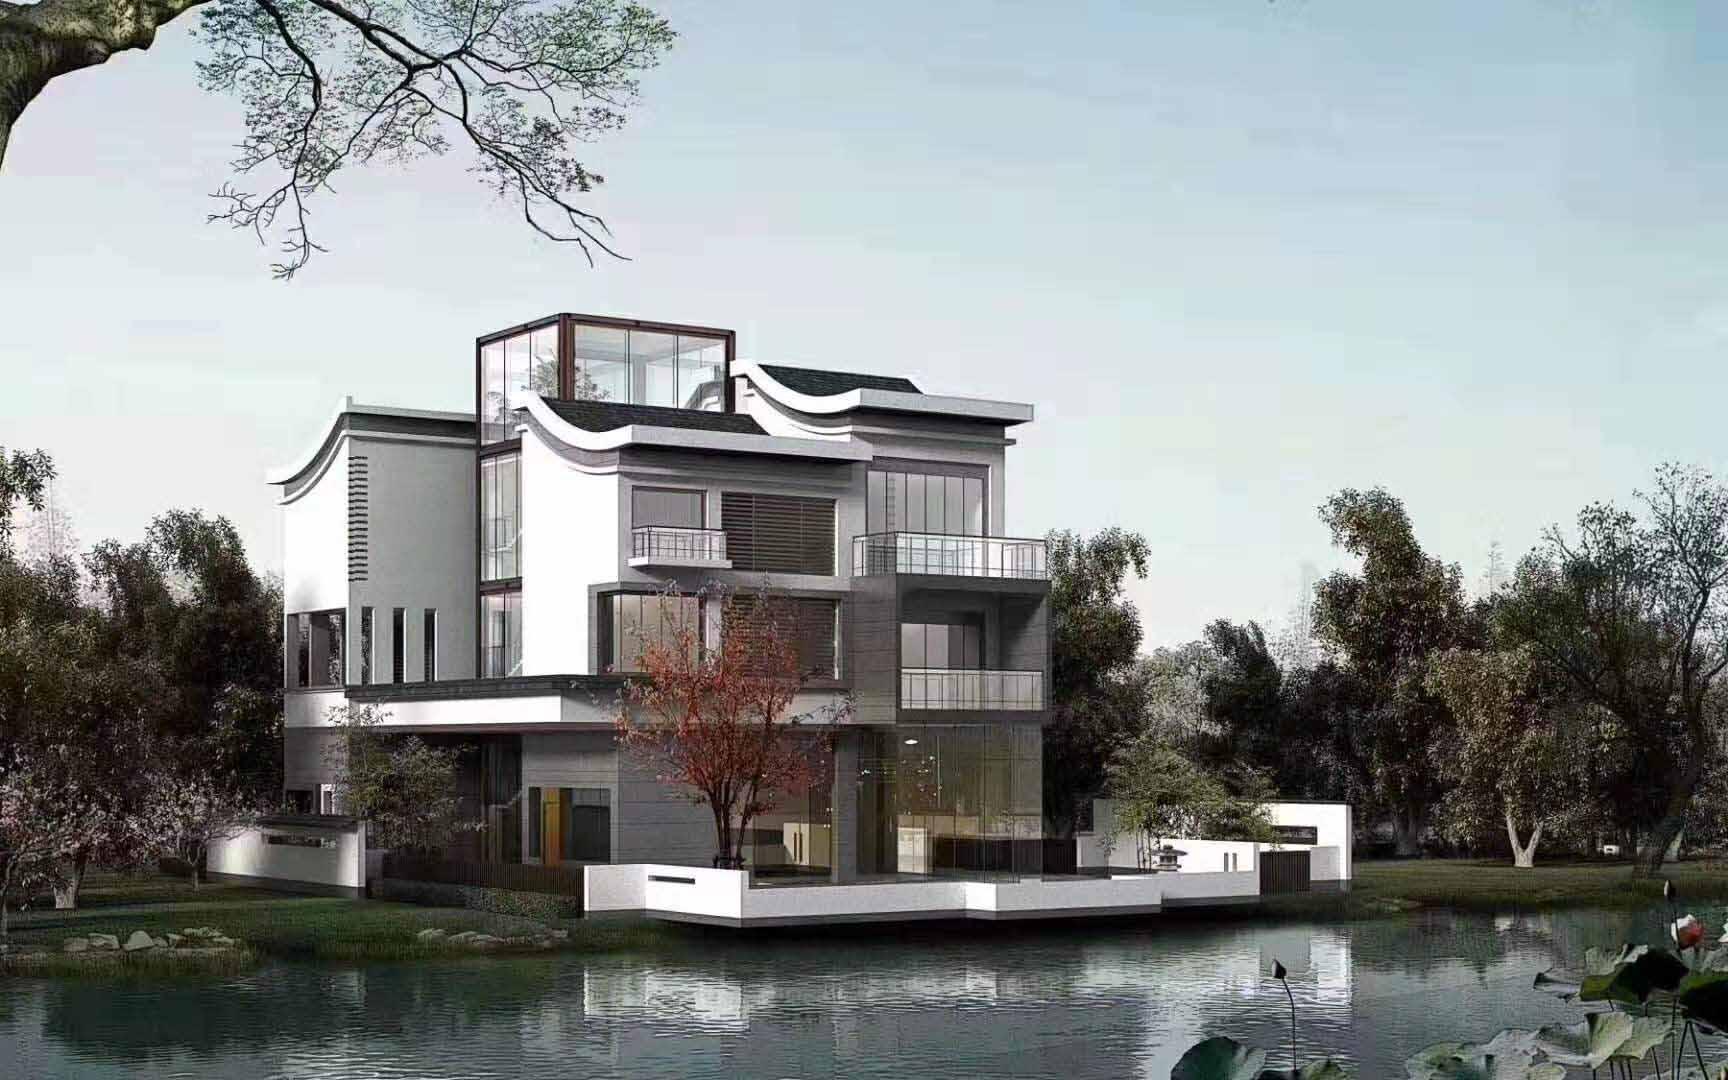 某开发区与旭诚建材合作进行别墅庭院设计建造案例展示